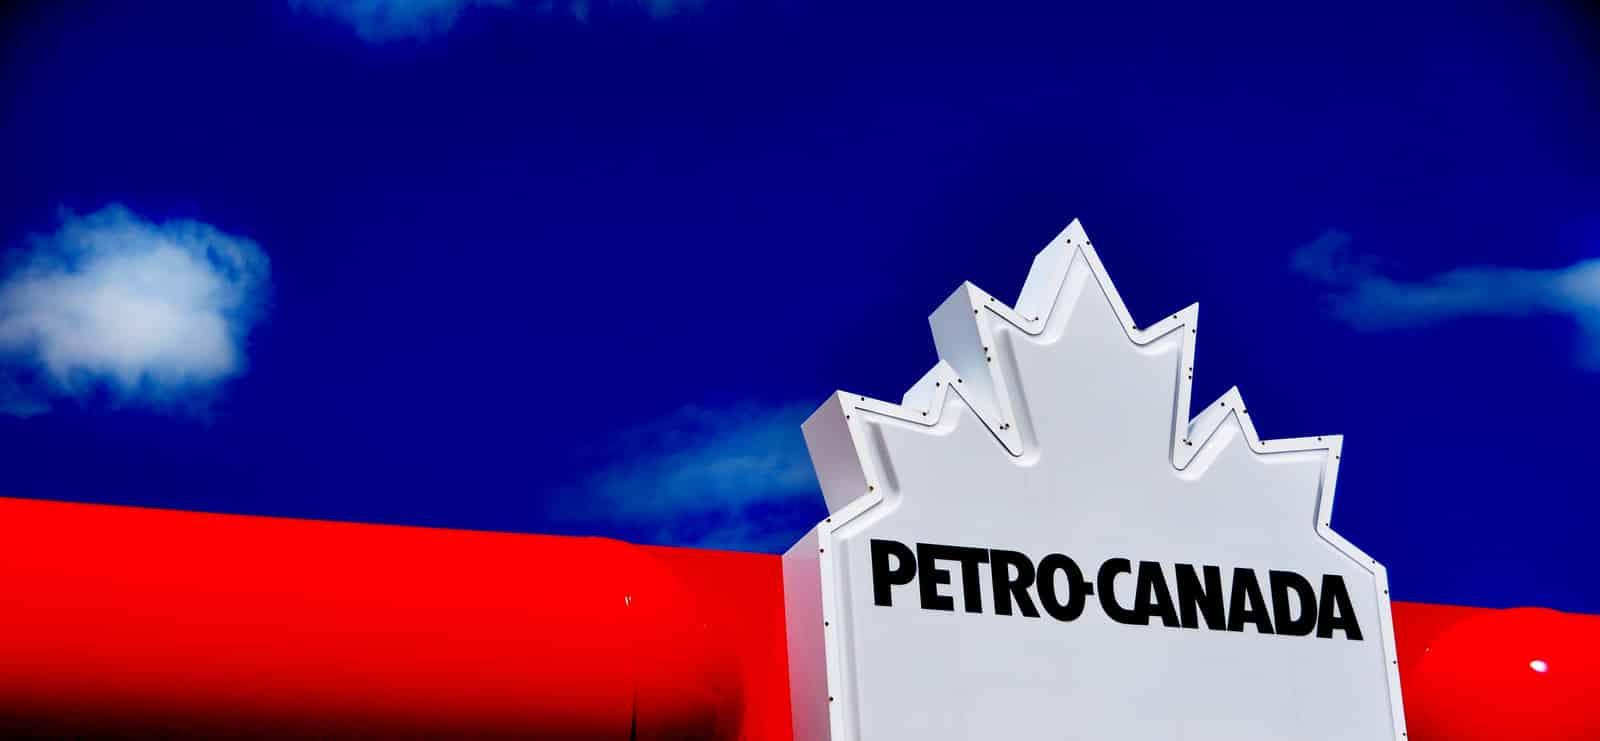 Petro-Points : tout ce que vous devez savoir sur le programme de récompenses de Petro-Canada